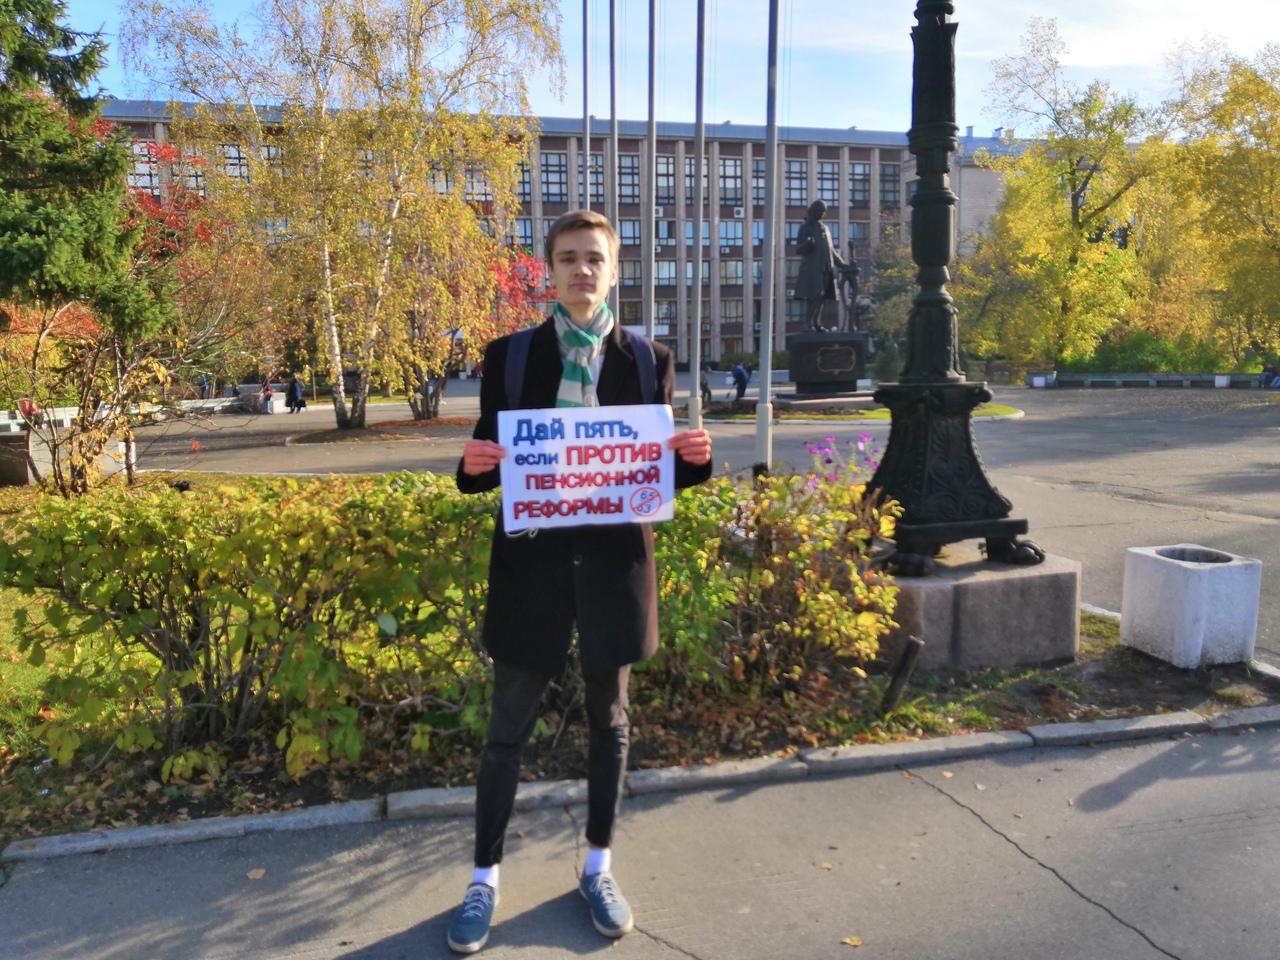 Барнаульского студента ждет за рассказы знакомым пикетах против пенсионной реформы